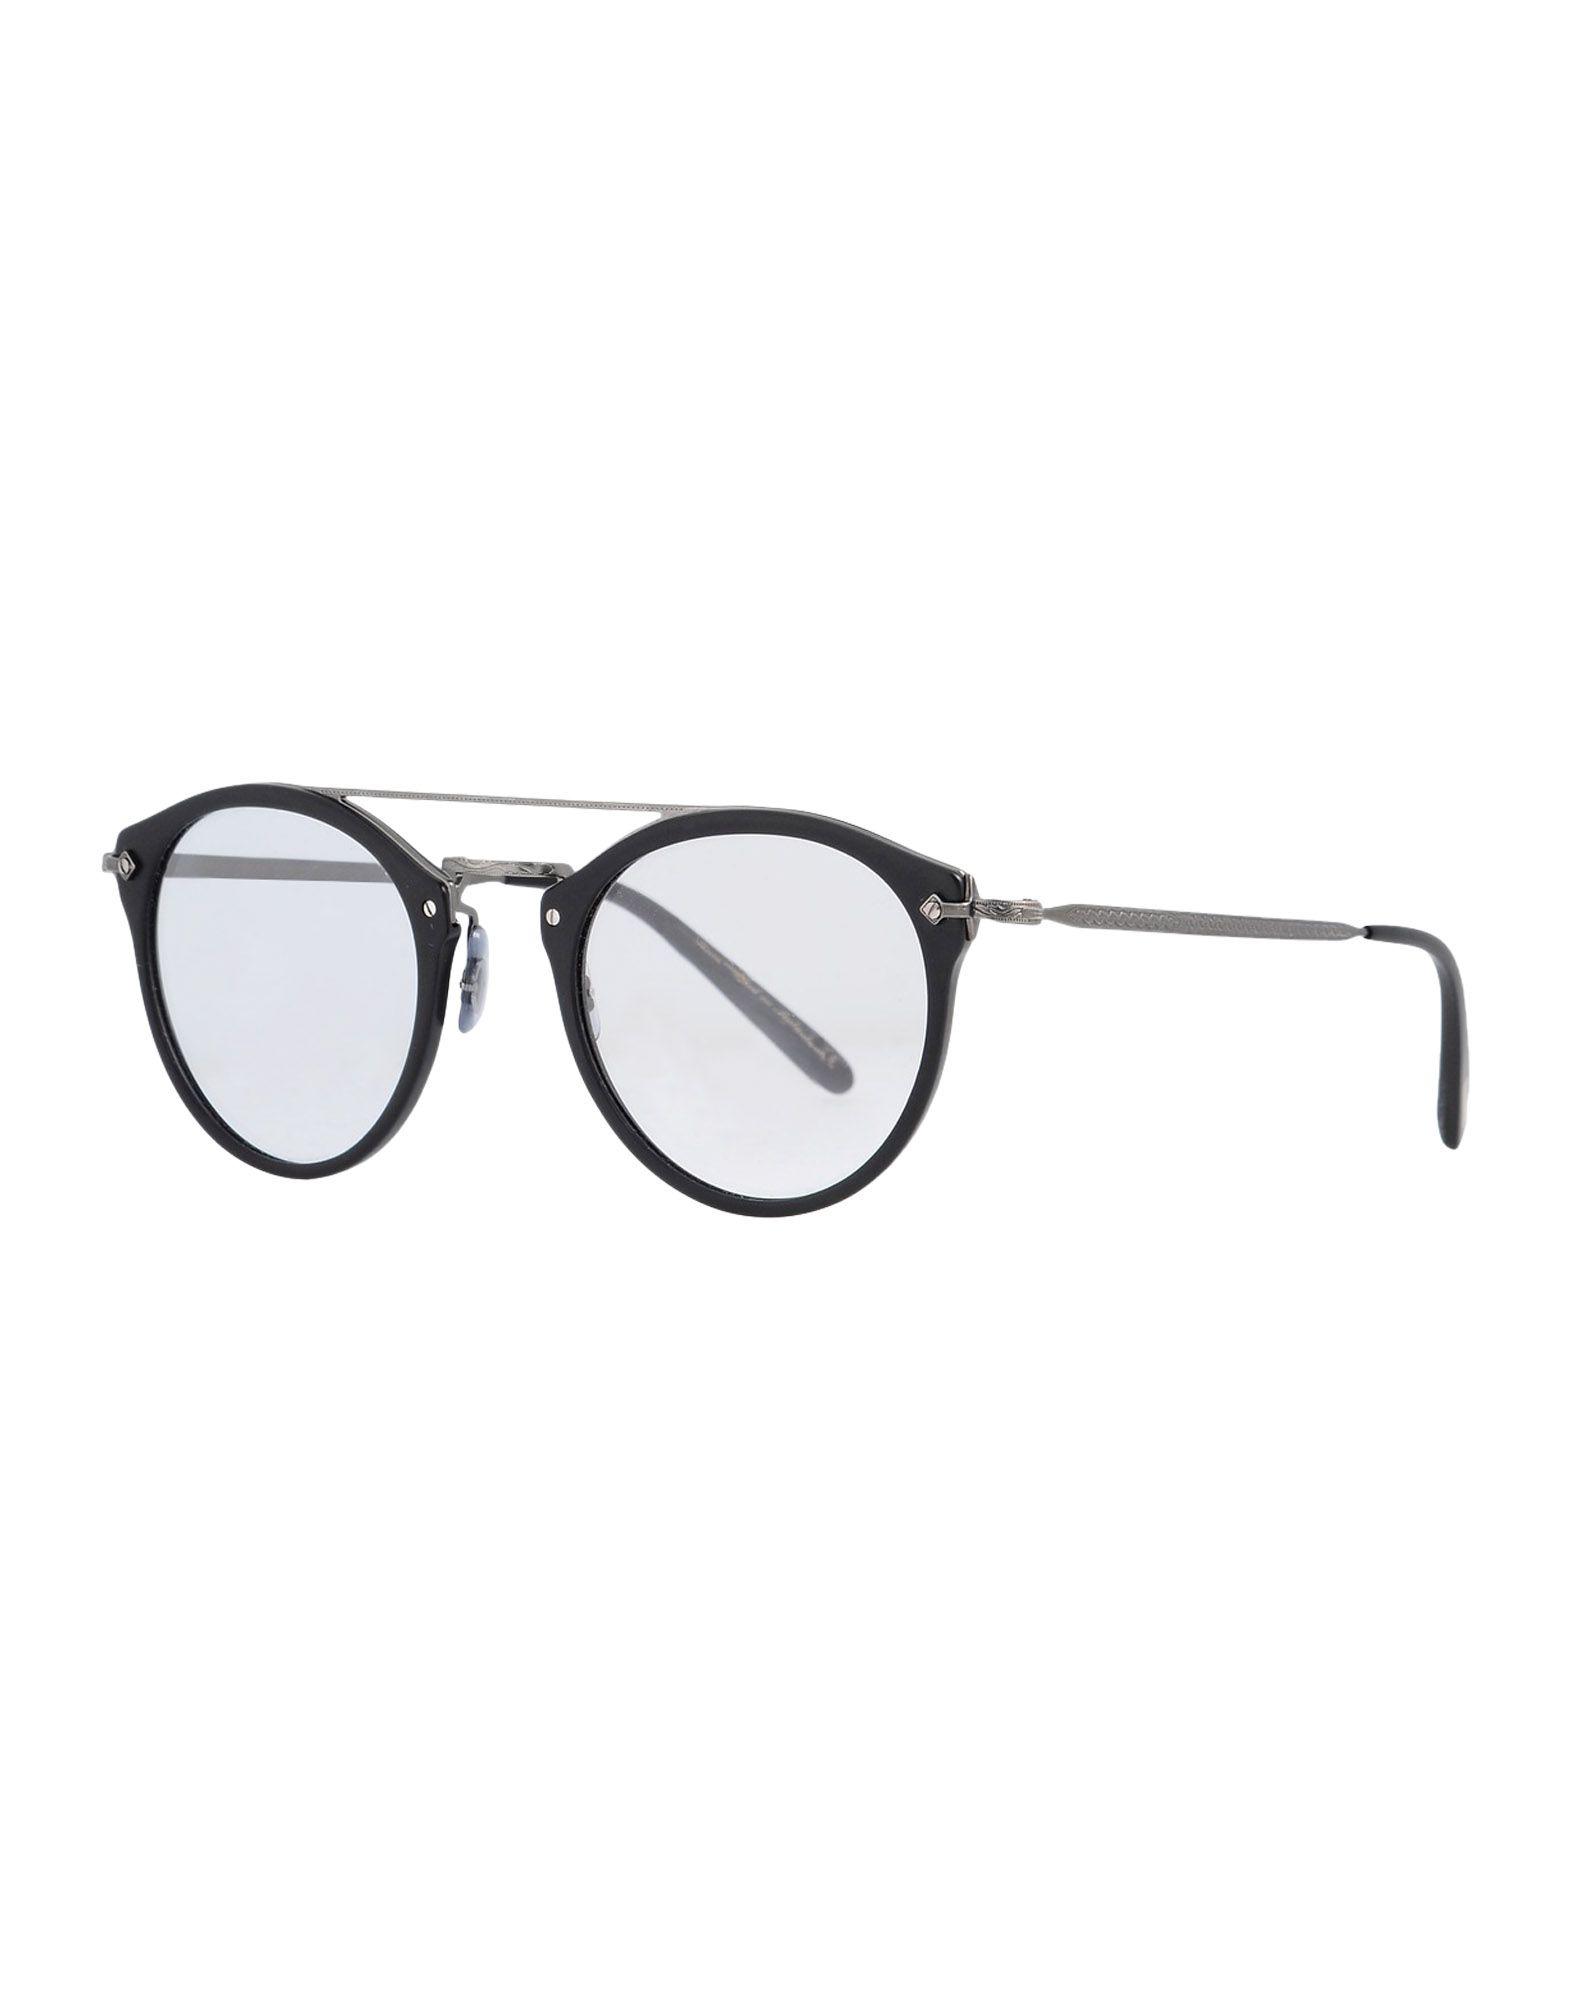 OLIVER PEOPLES Herren Brille Farbe Schwarz Größe 1